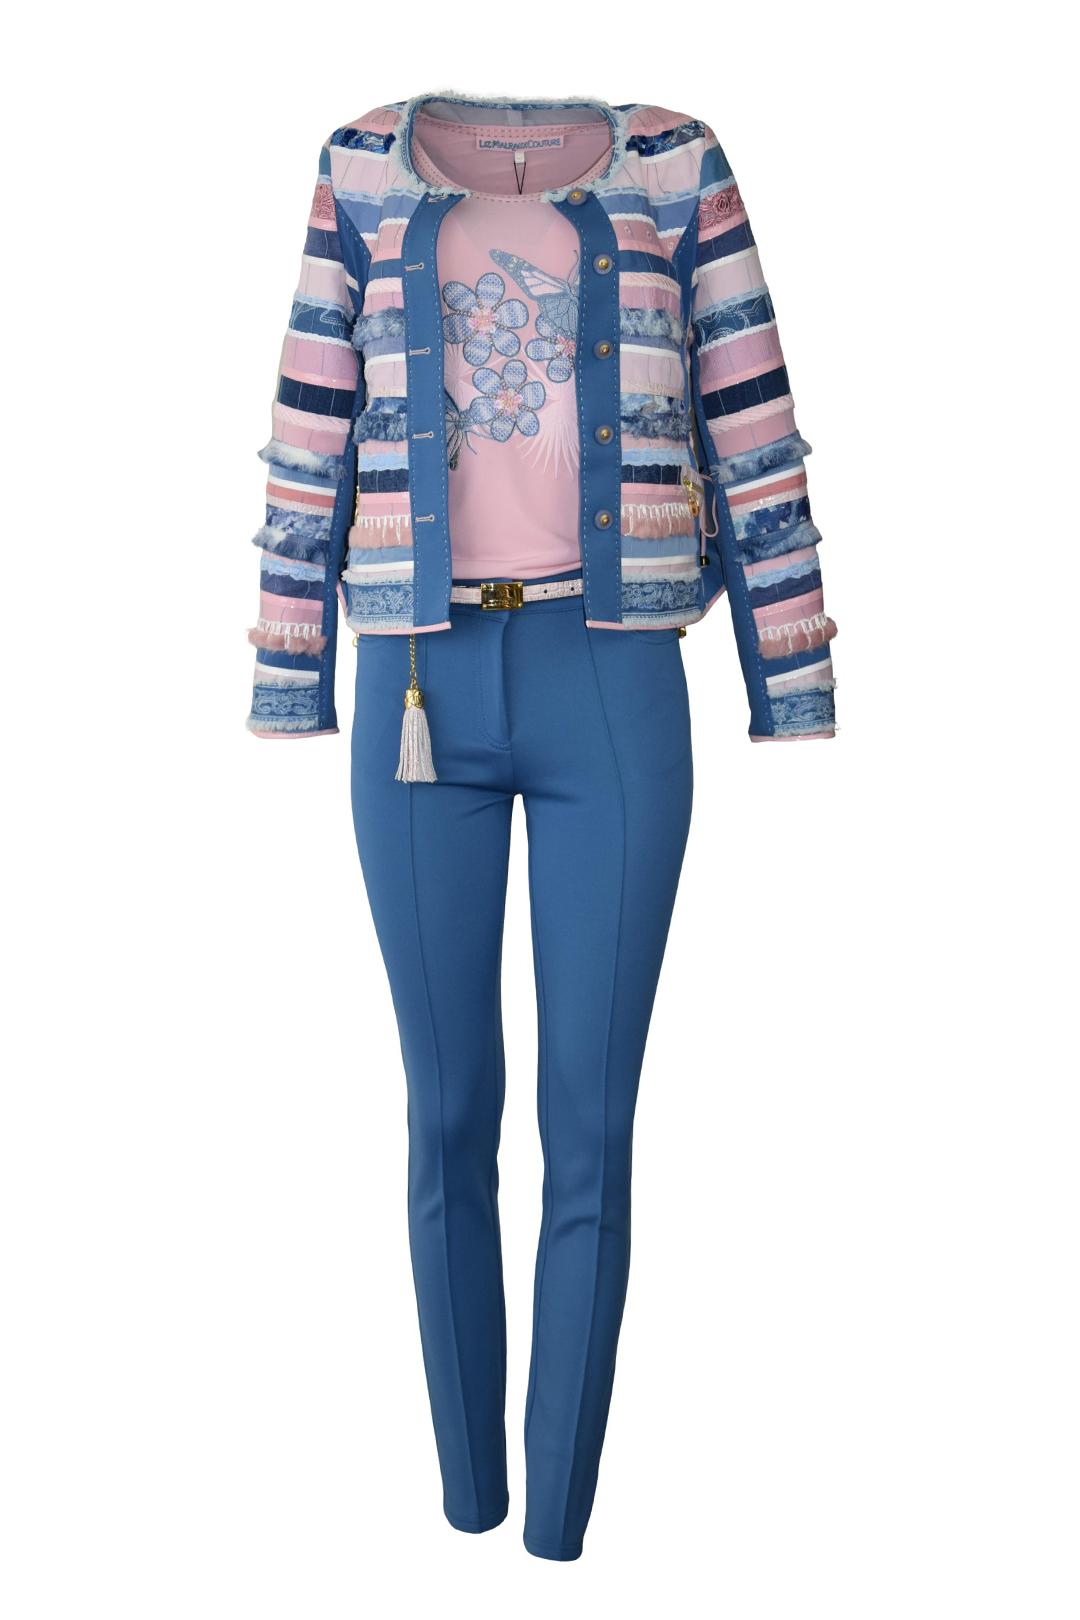 Jacke mit Bordüre und Taschen, handgewebter Stoff